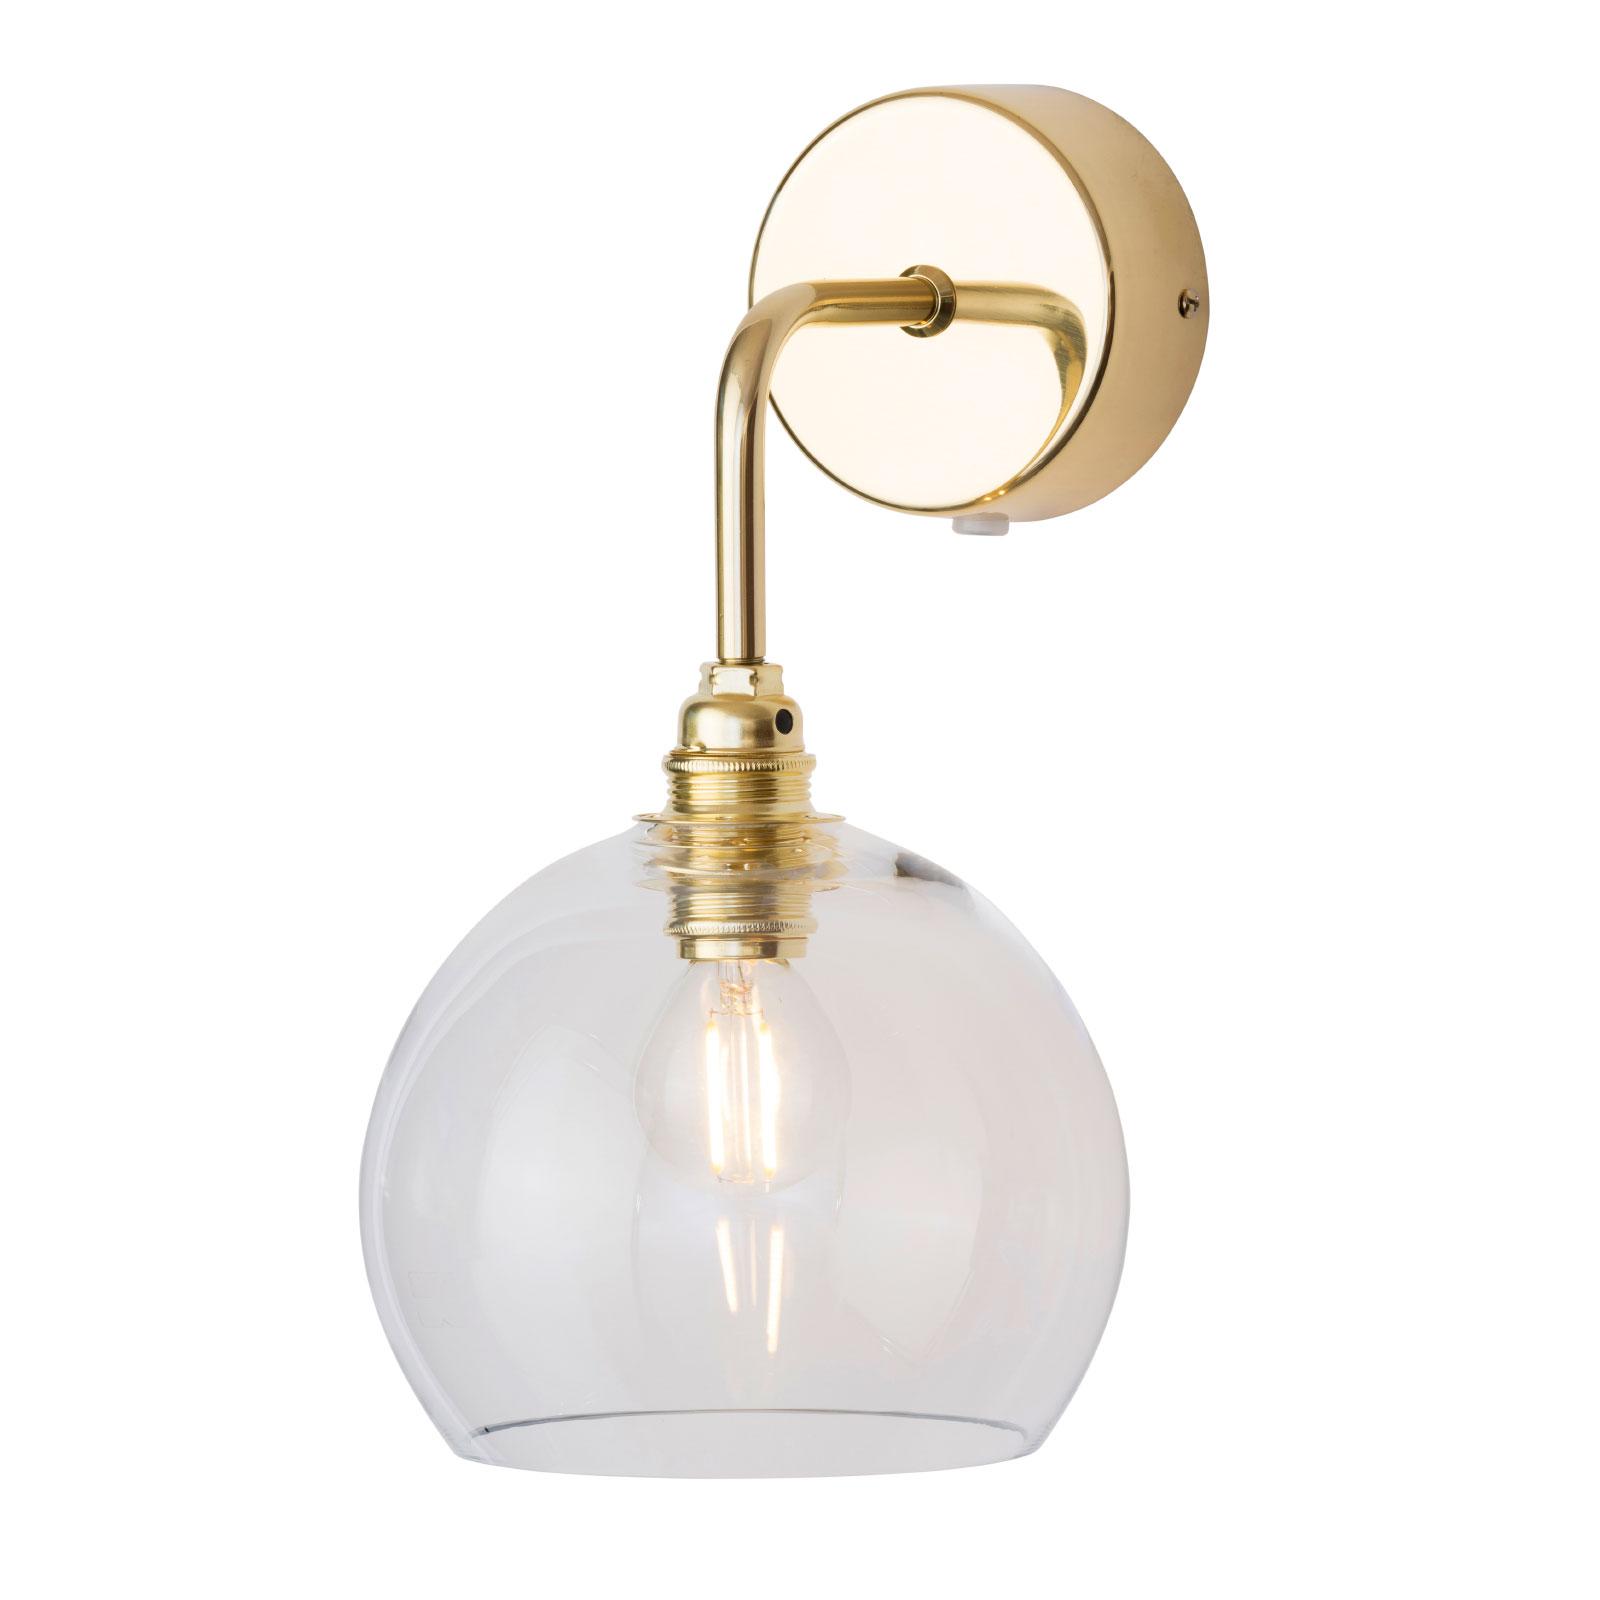 EBB & FLOW Rowan wandlamp goud kap helder